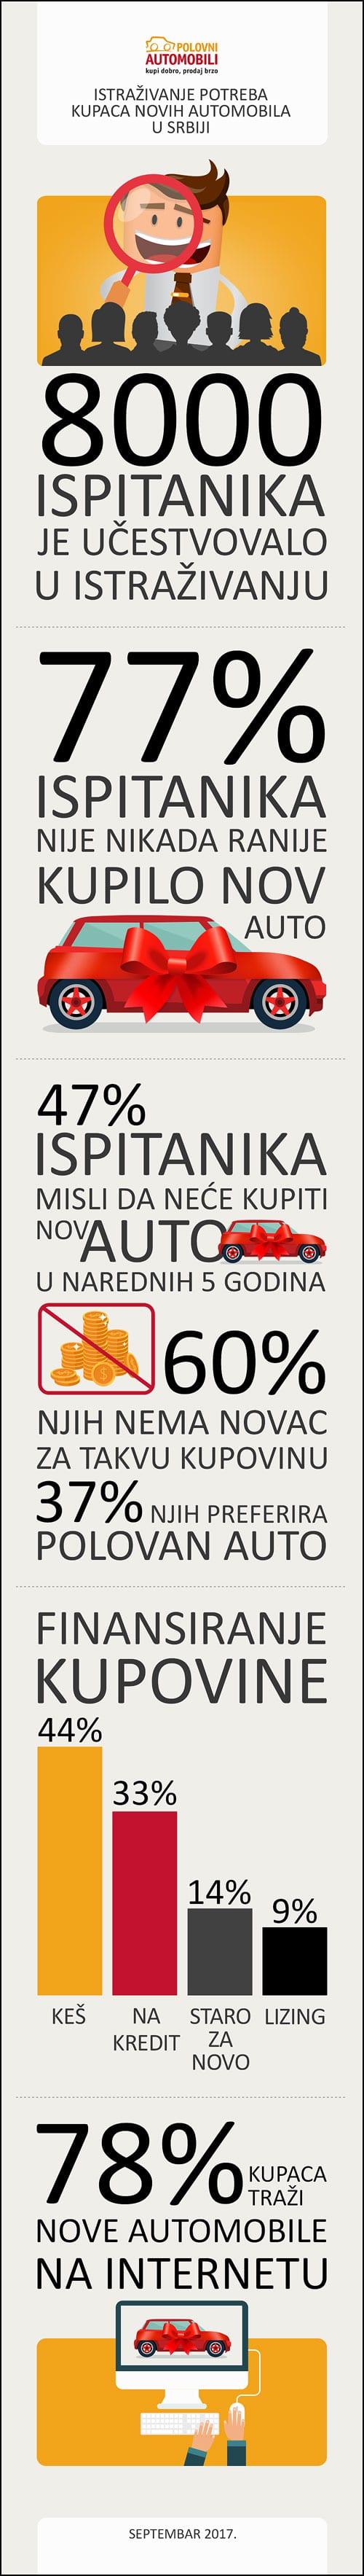 potreba-kupaca-novih-vozi